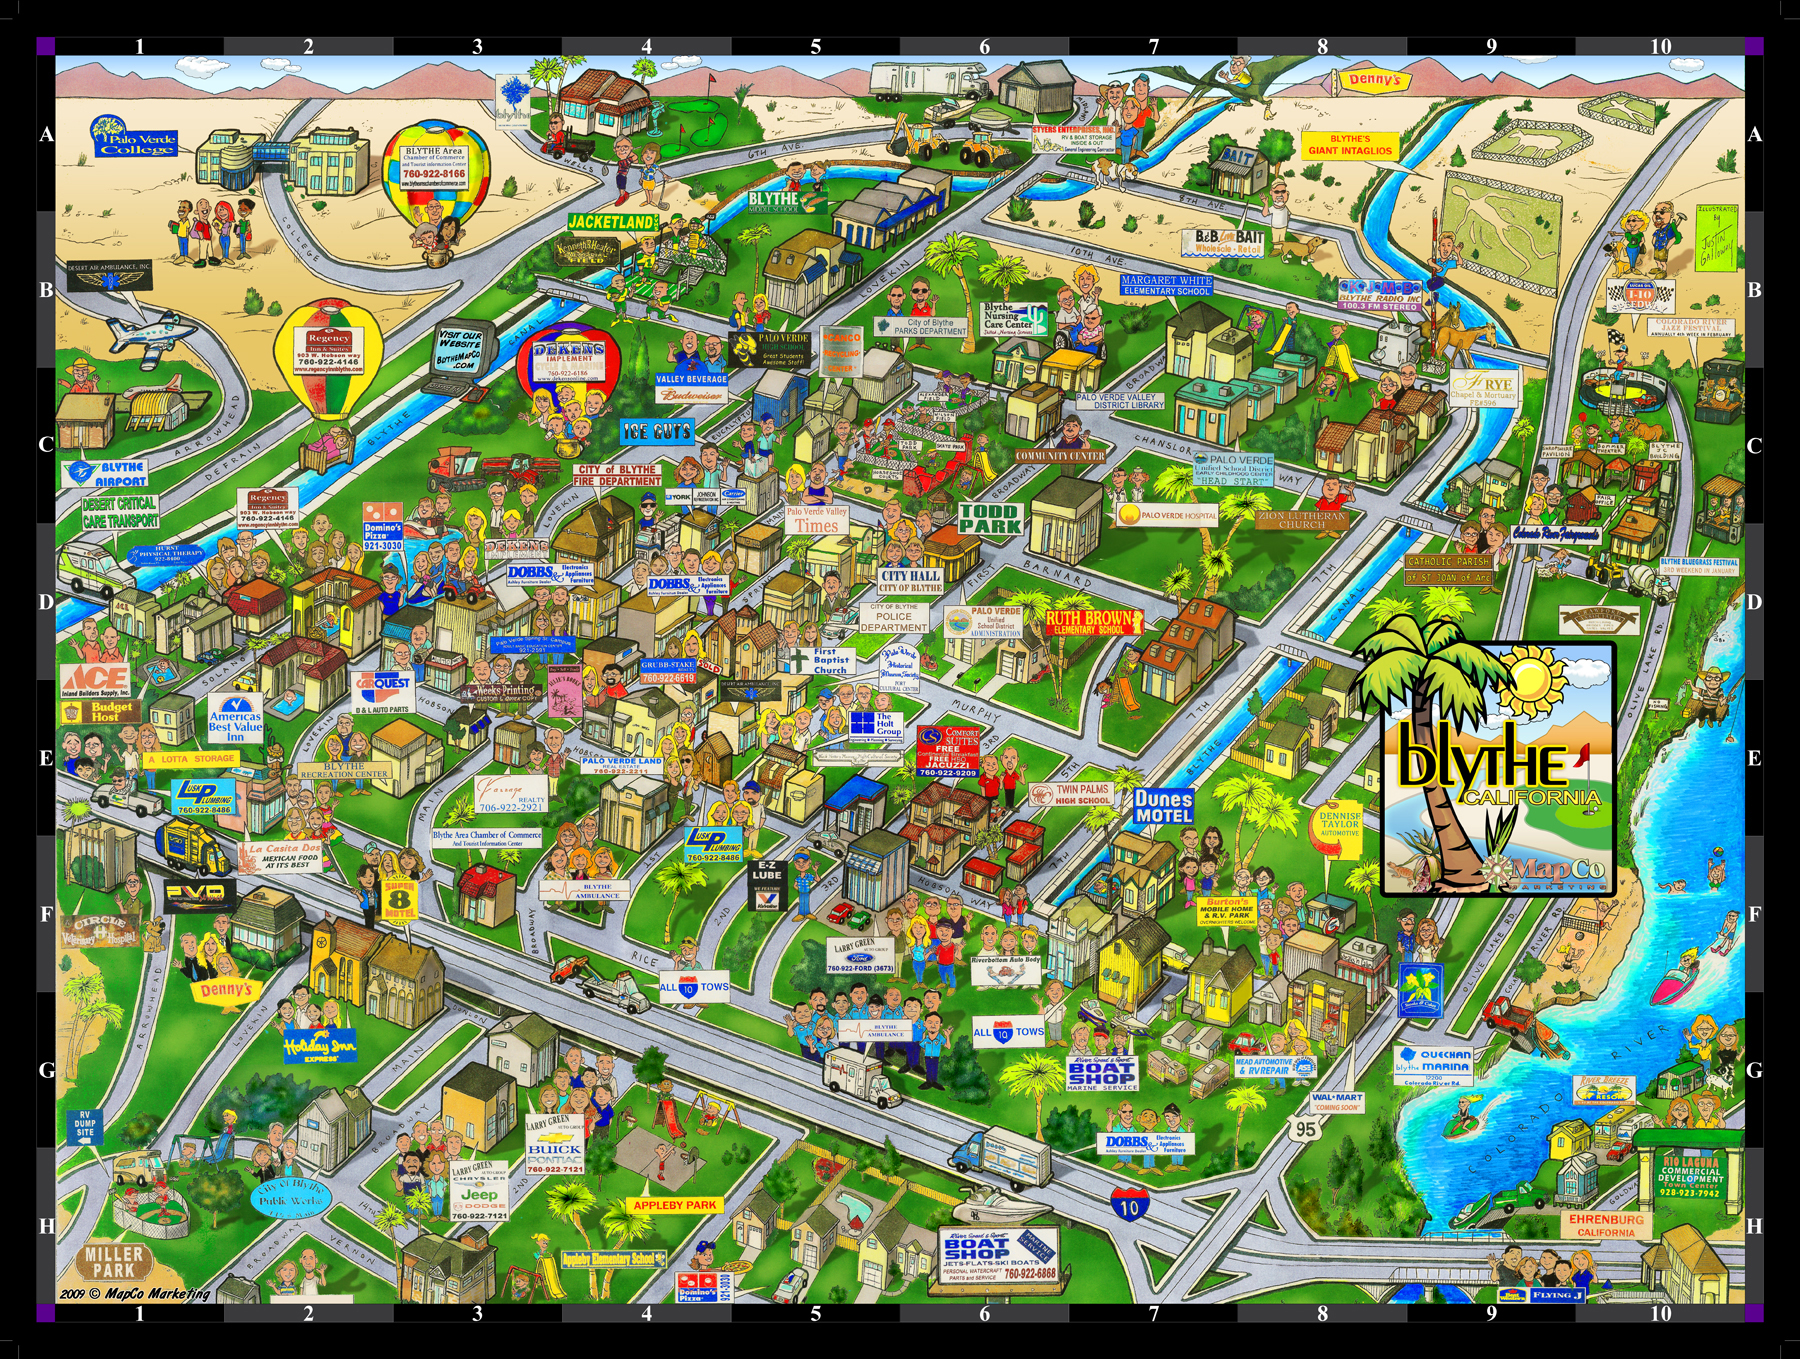 Blythe City Caricature Map